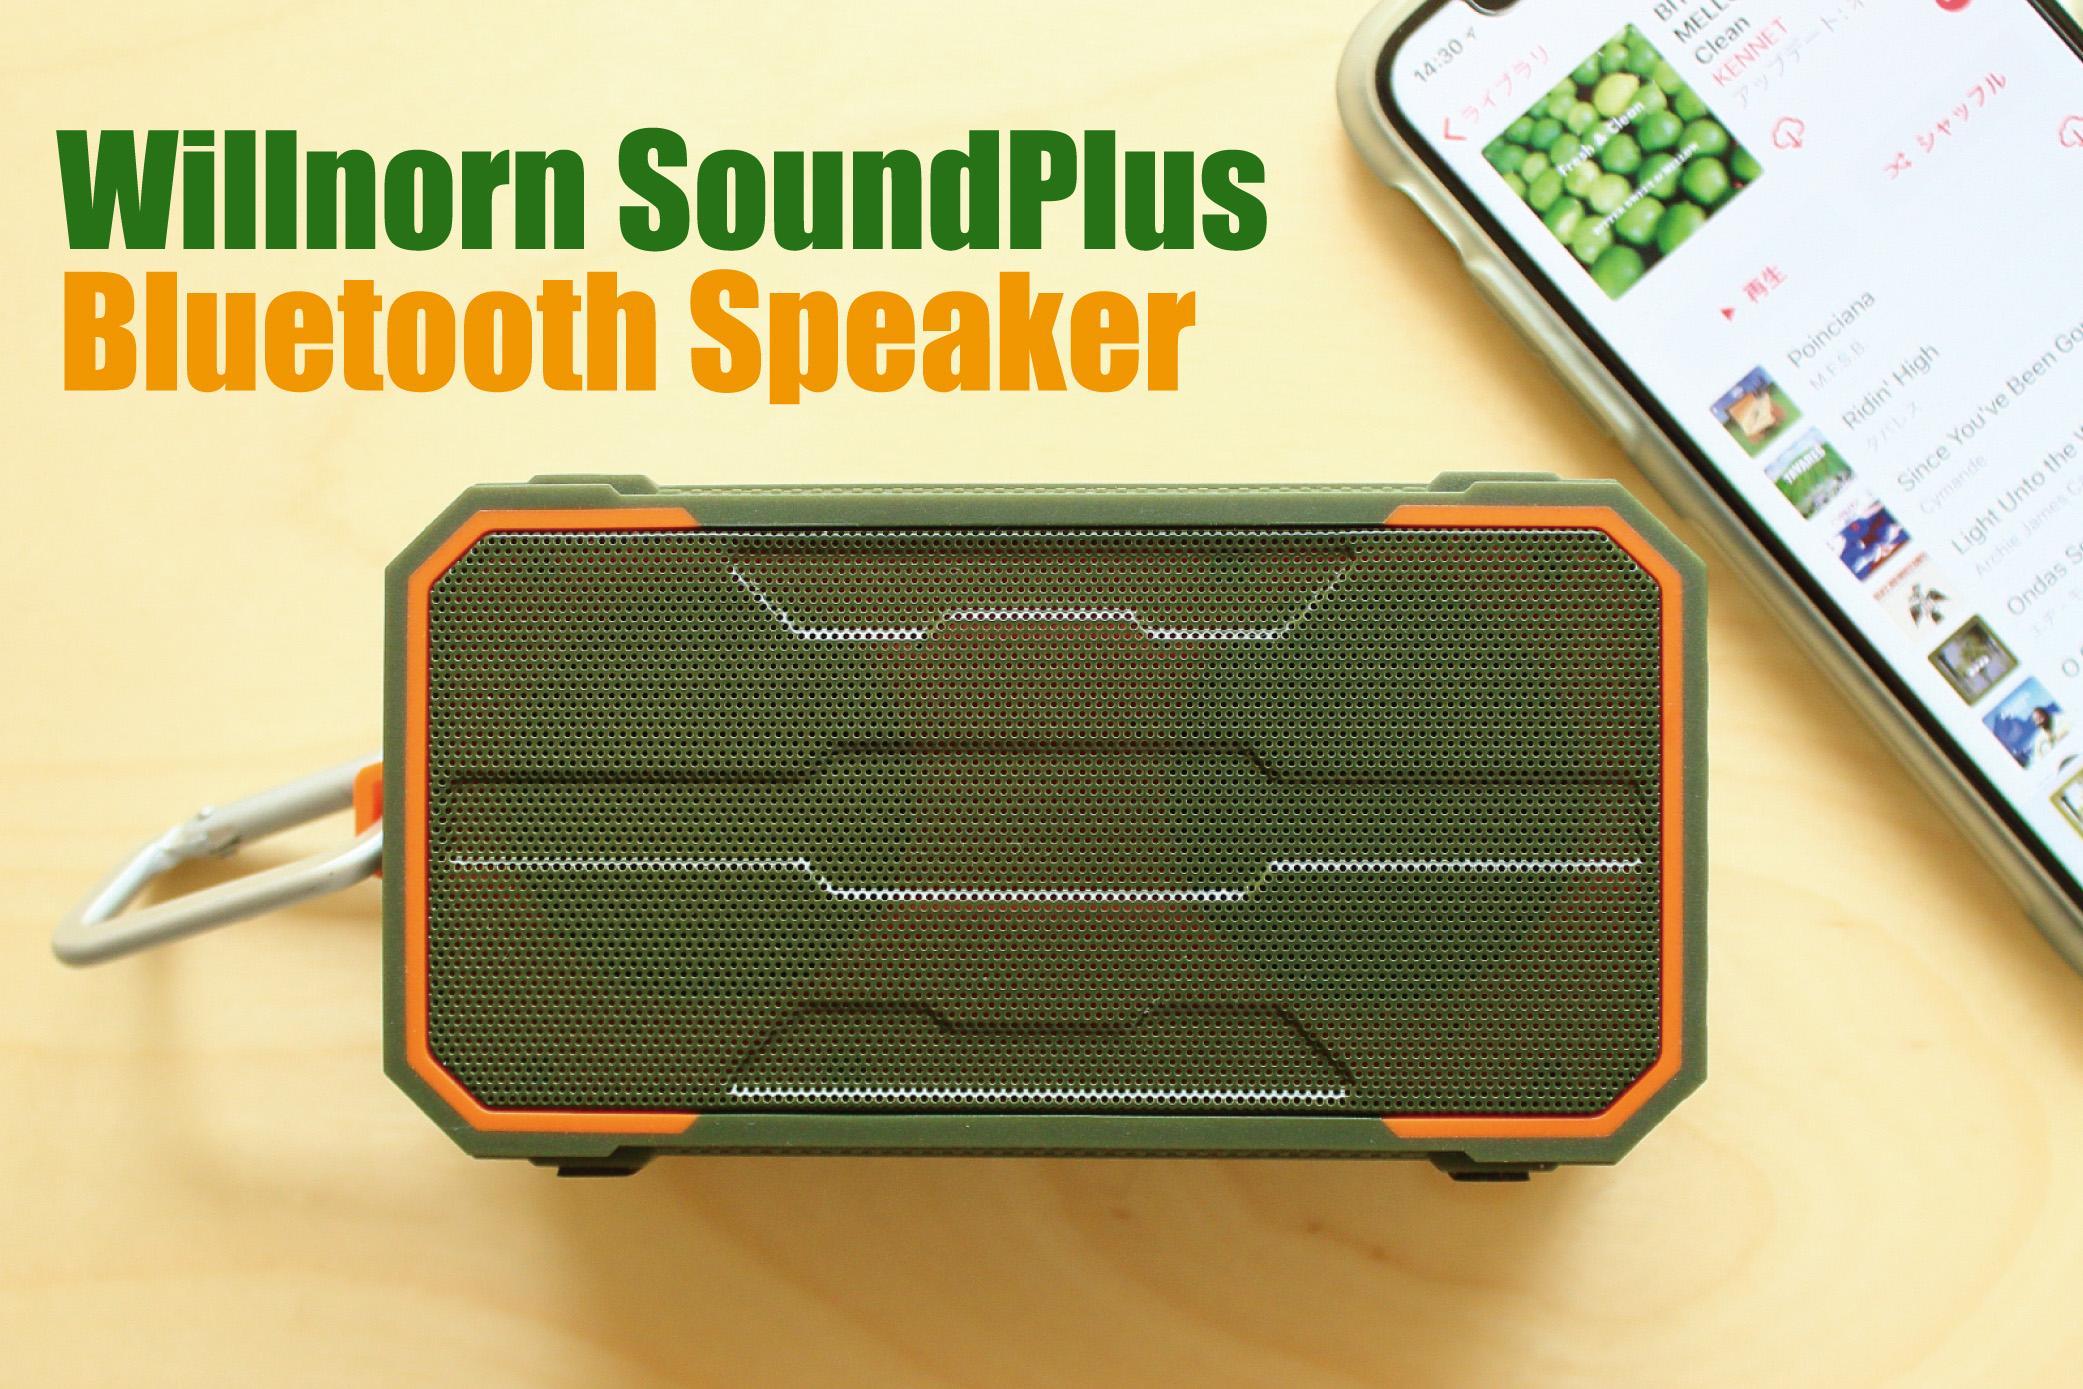 ミリタリーなルックスの高音質・コンパクトな防水Bluetoothスピーカー。「Willnorn SoundPlus」